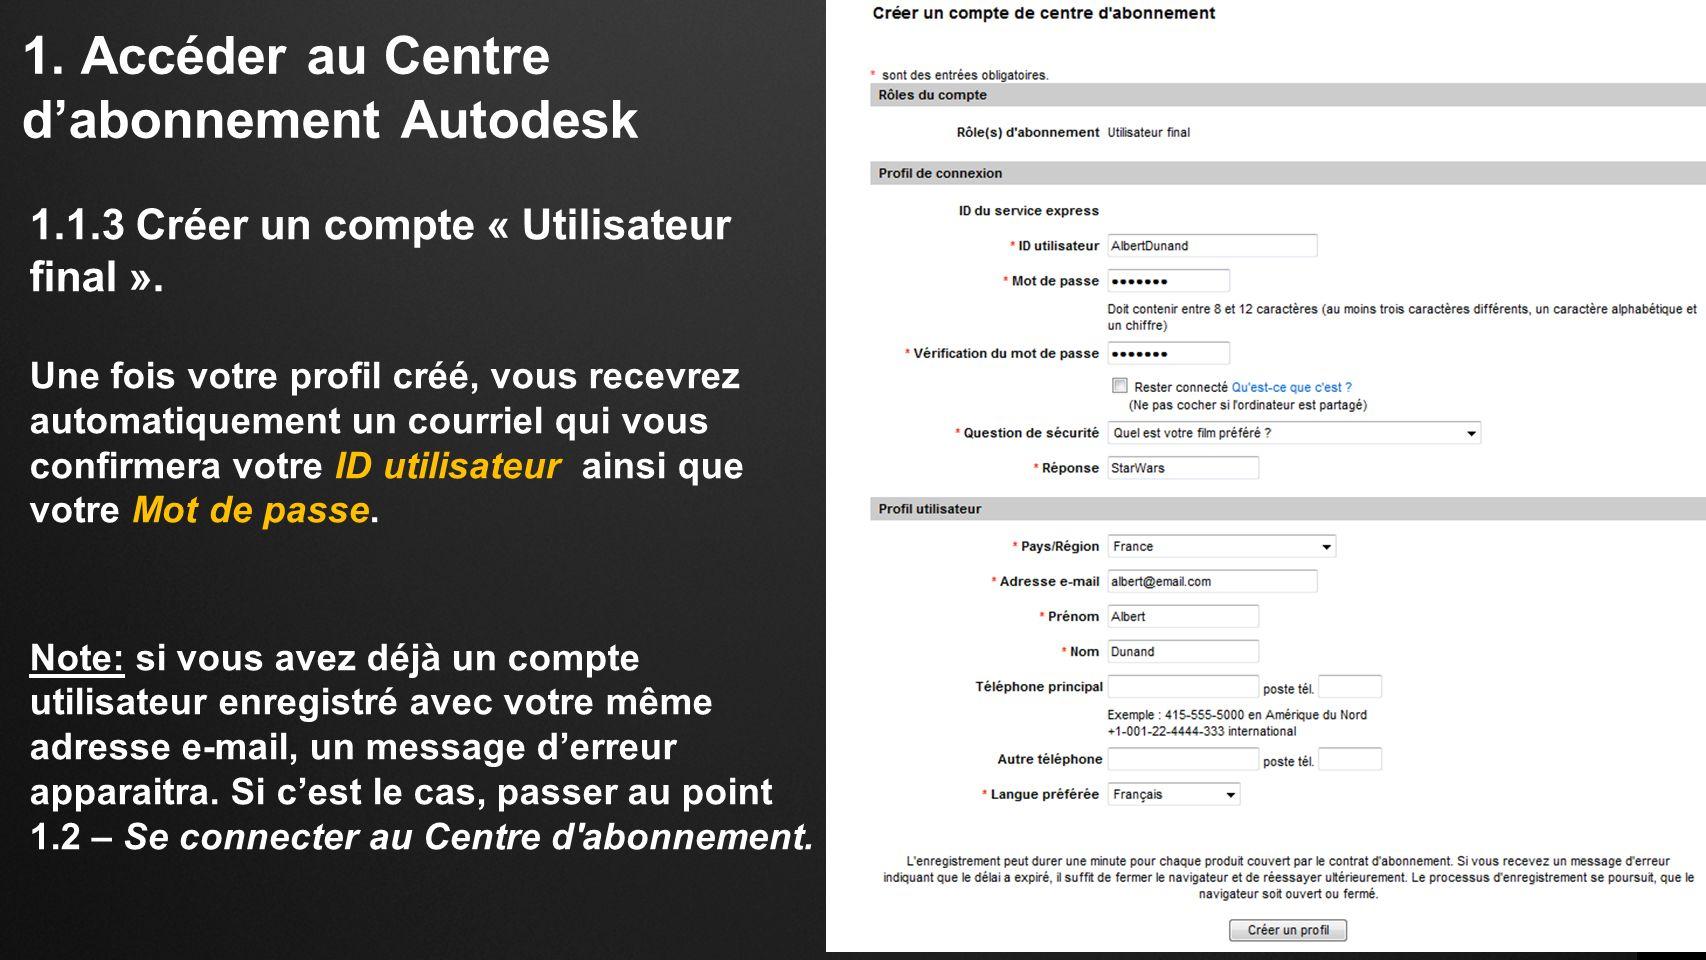 1.Accéder au Centre dabonnement Autodesk 1.2 Se connecter au Centre d abonnement.